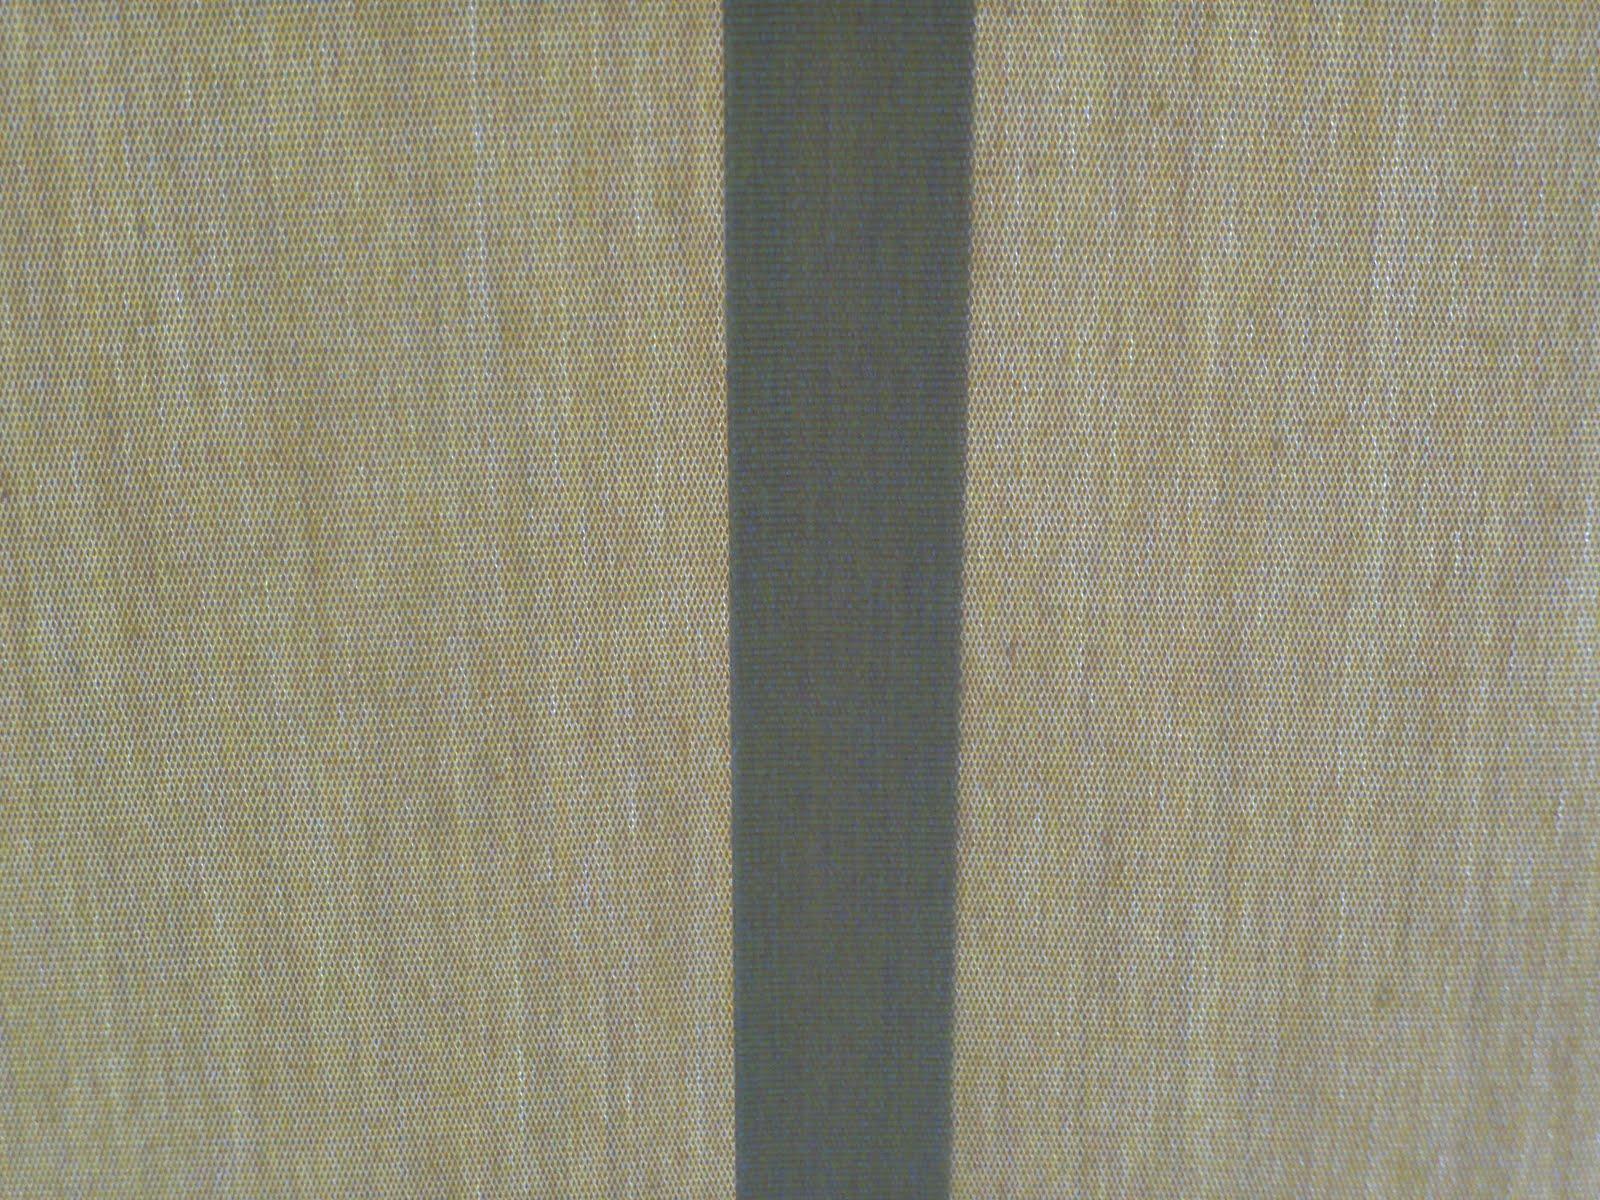 Tende da sole a torino m f 01119714234 tessuti di - Tessuti per tende da cucina ...